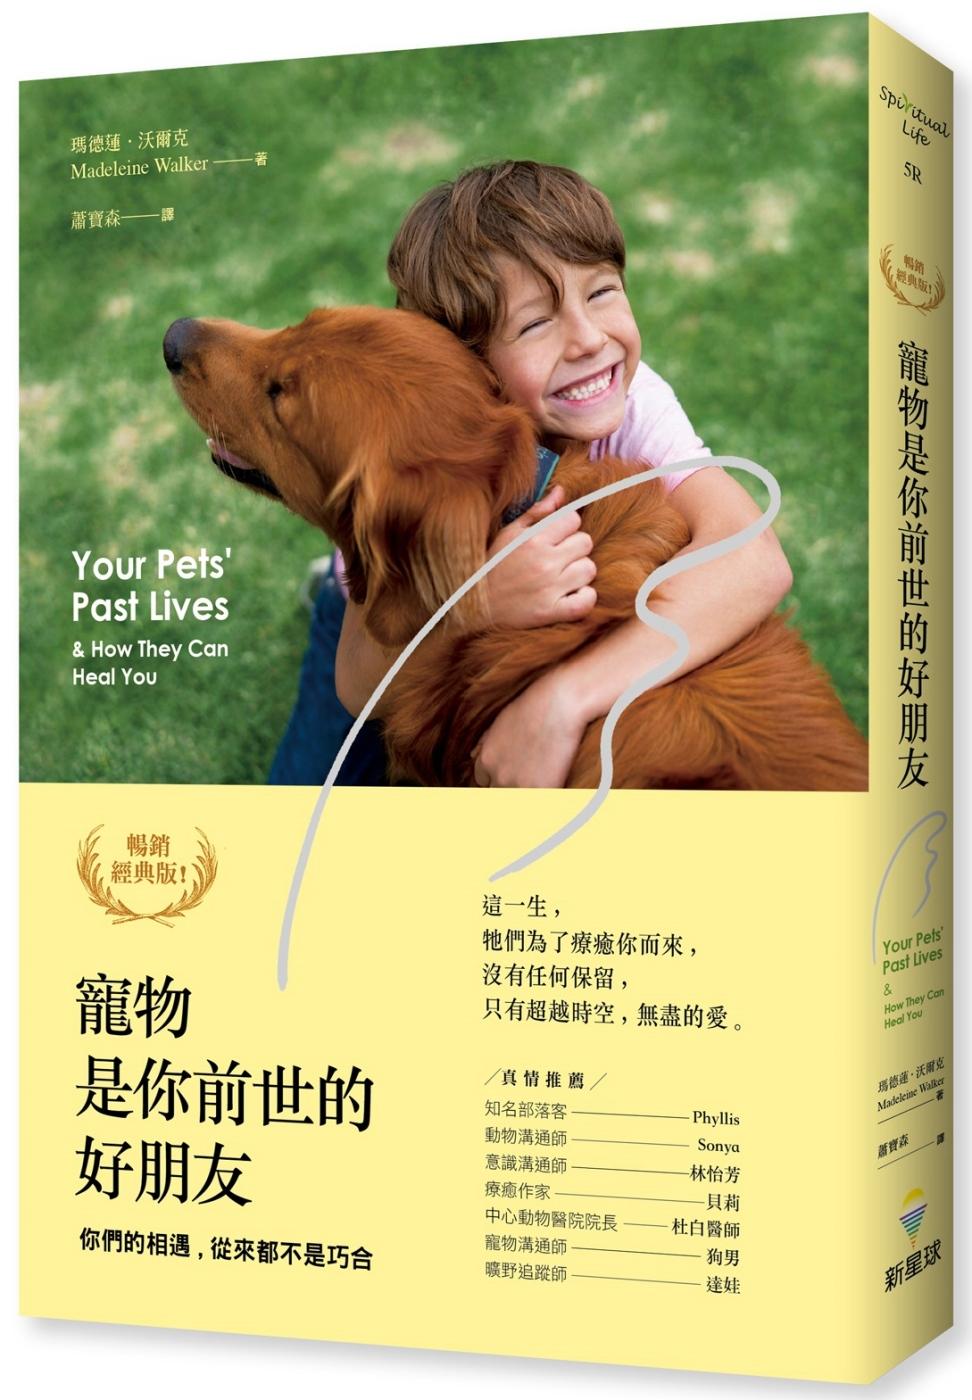 《寵物是你前世的好朋友:你們的相遇,從來都不是巧合(暢銷經典版)》 商品條碼,ISBN:9789869503730